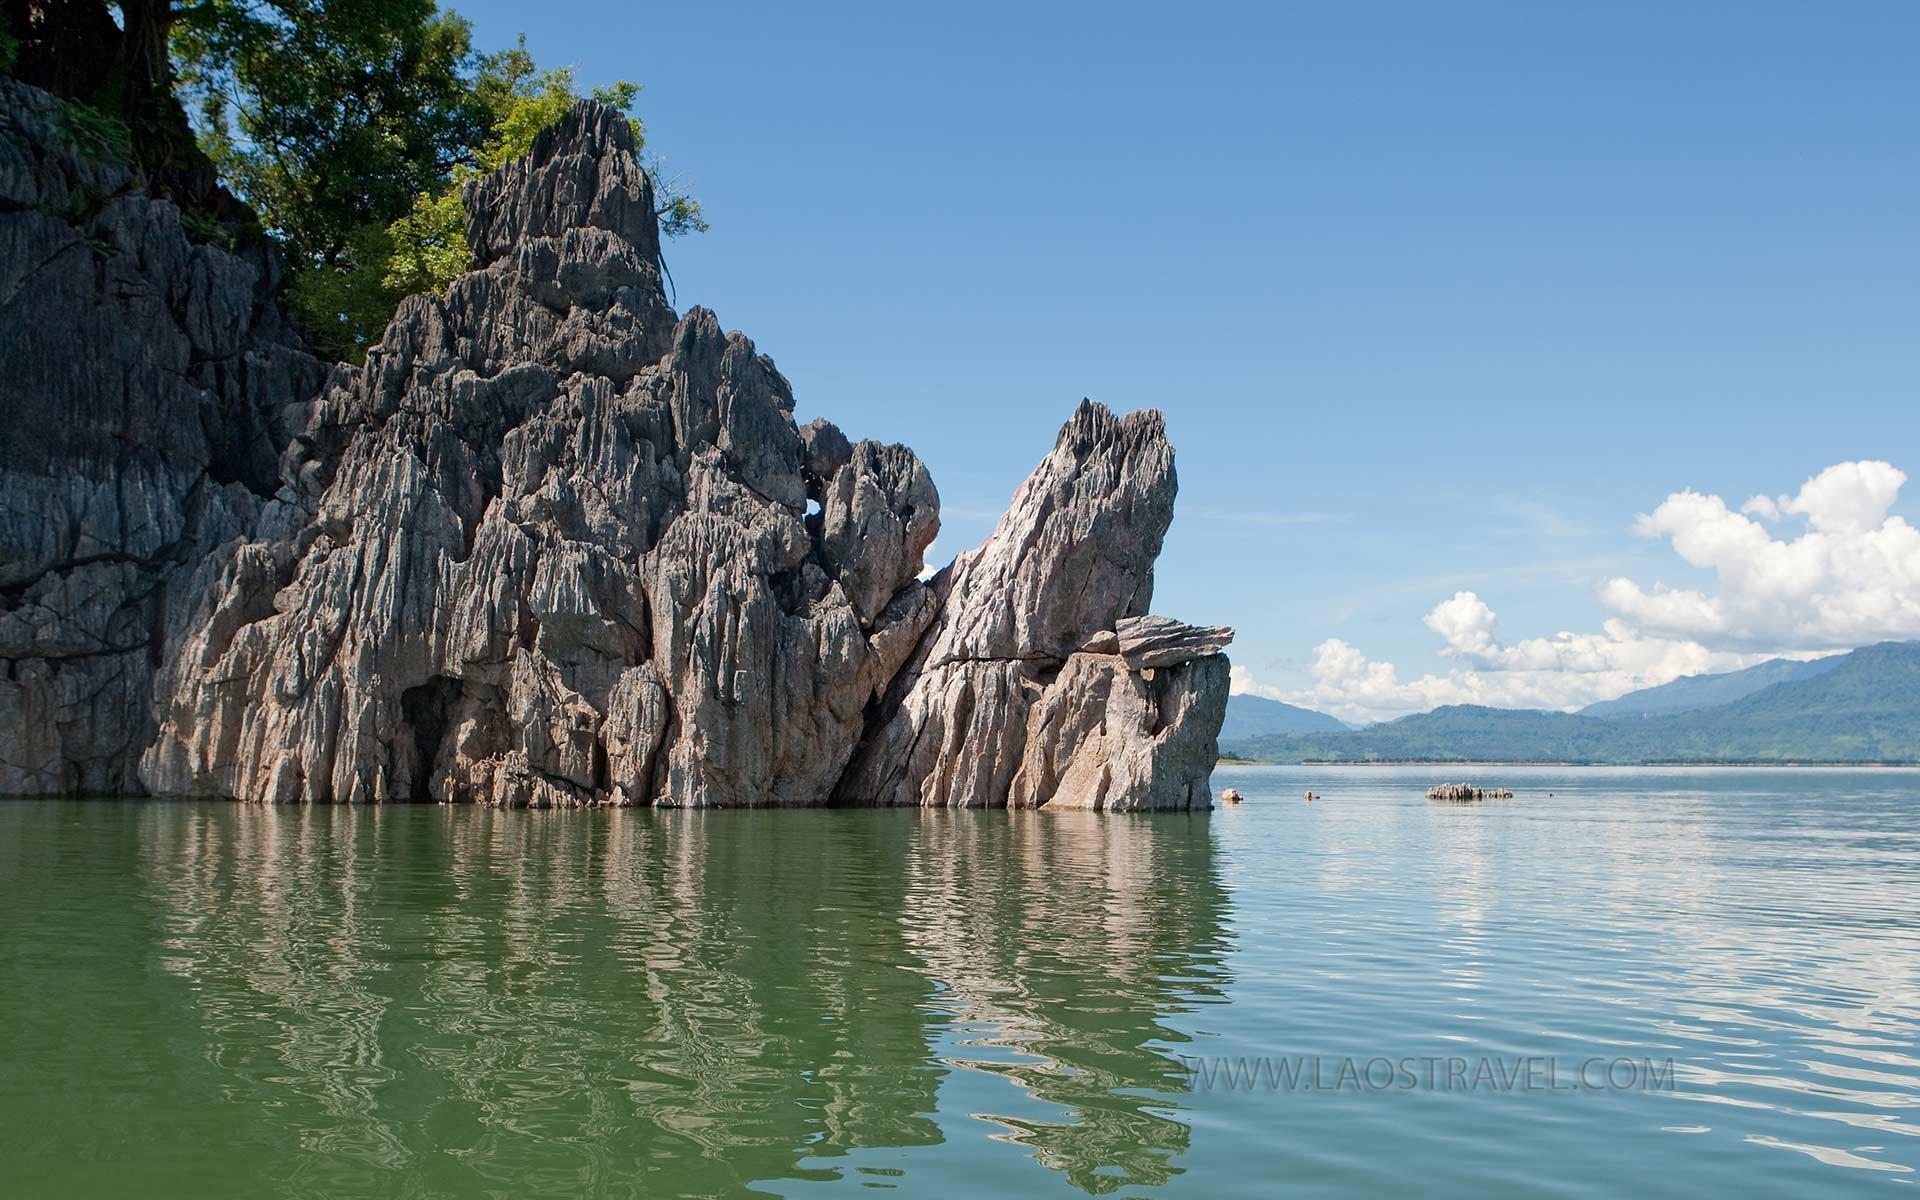 The Hidden World of Laos - 7 Days